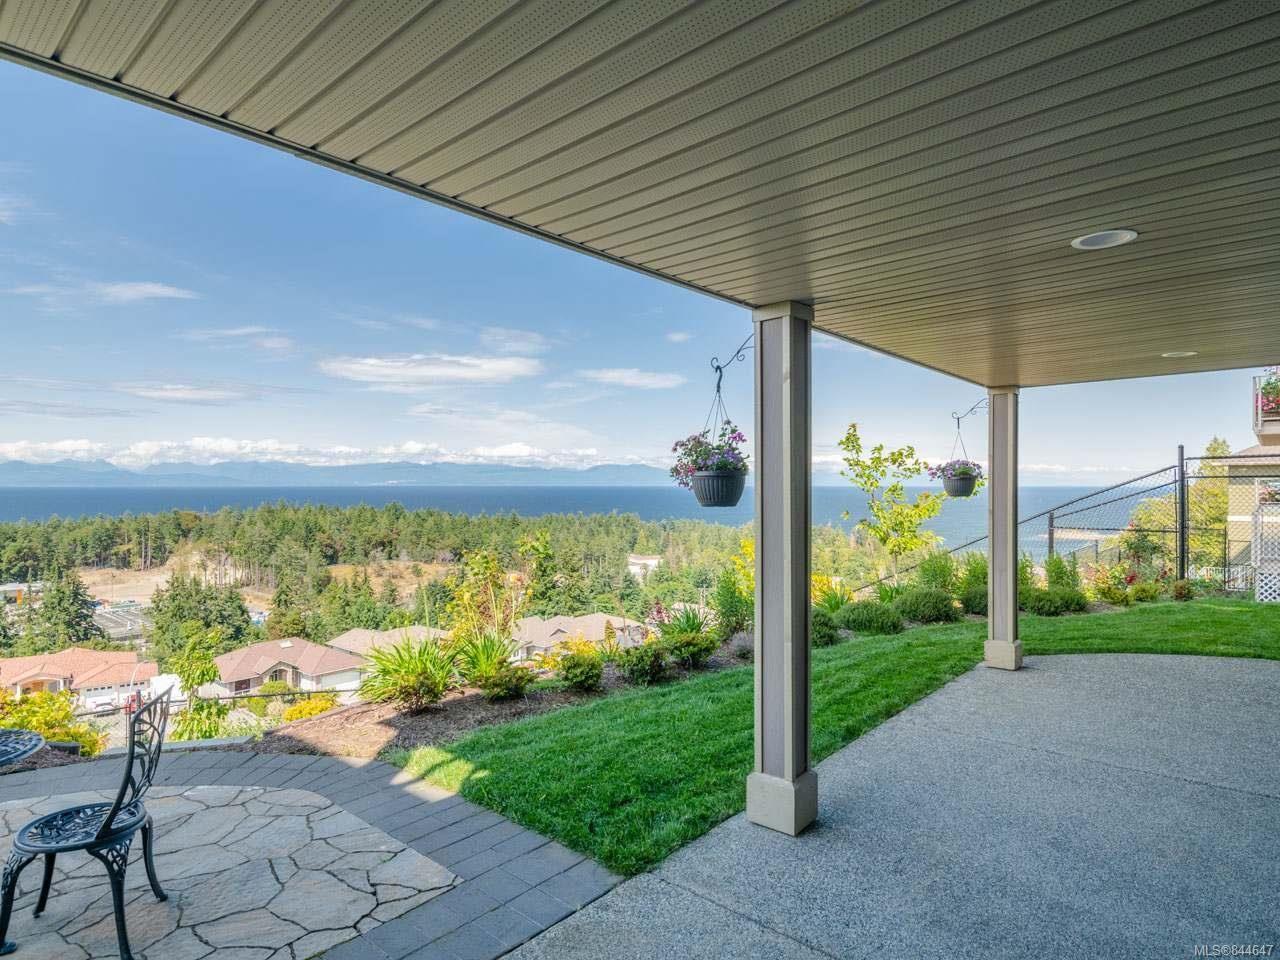 Photo 50: Photos: 4576 Laguna Way in NANAIMO: Na North Nanaimo House for sale (Nanaimo)  : MLS®# 844647